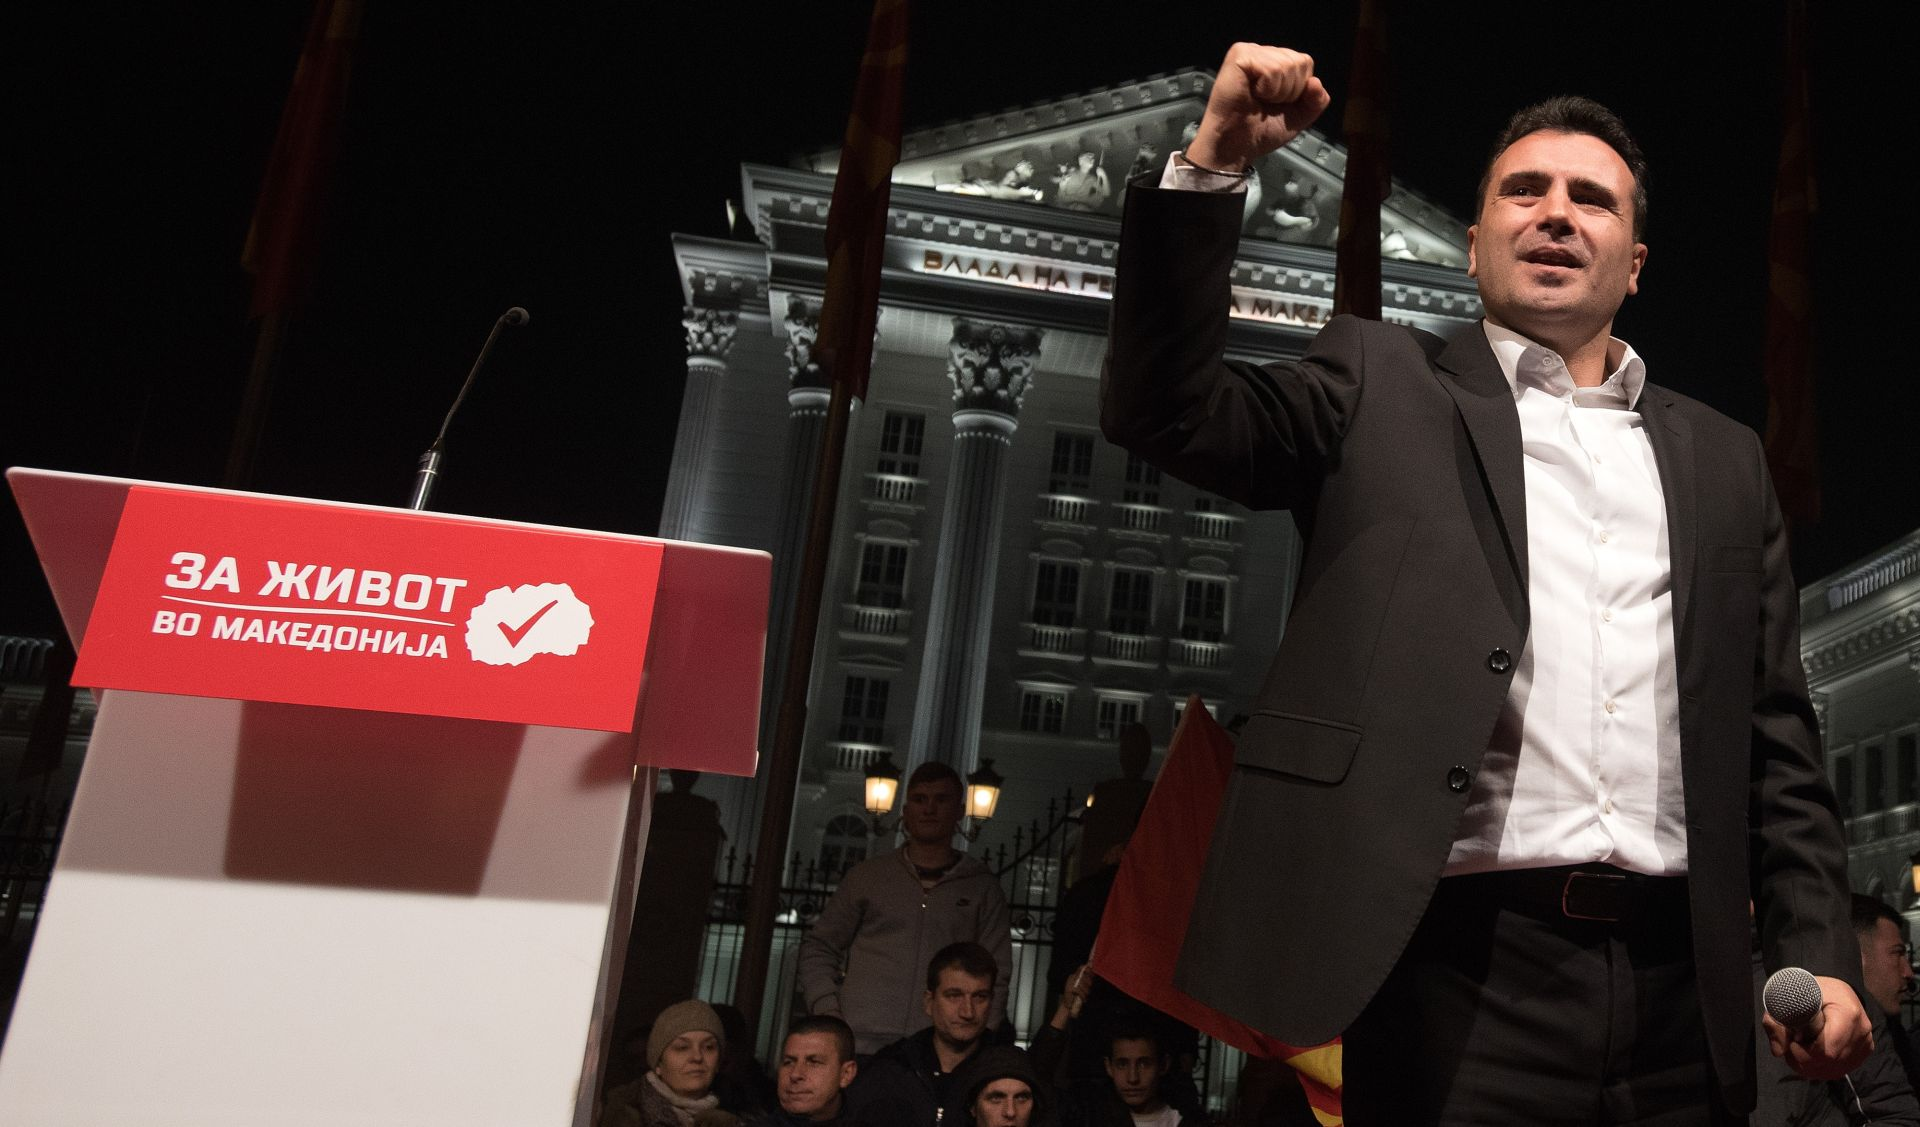 Makedonska kriza mogla bi se proširiti na cijeli jugoistok Europe